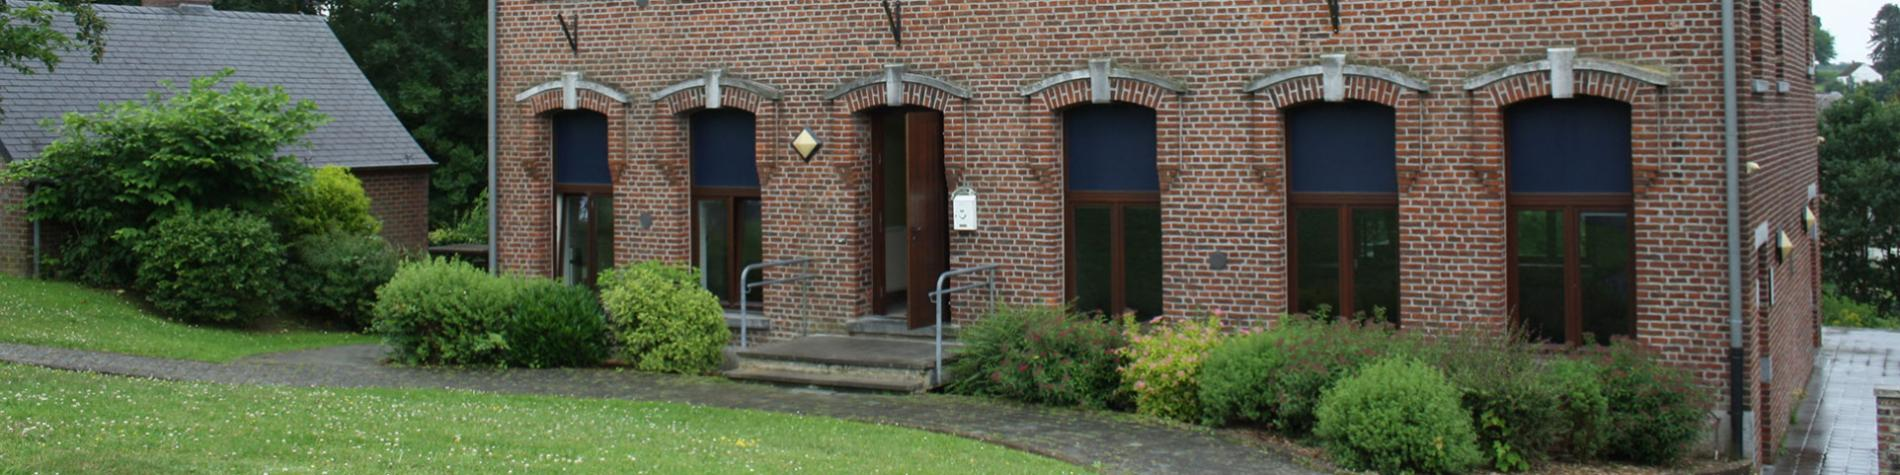 Gîte d'Étape - KALEO - Vergnies - Hébergement - séjours - activités